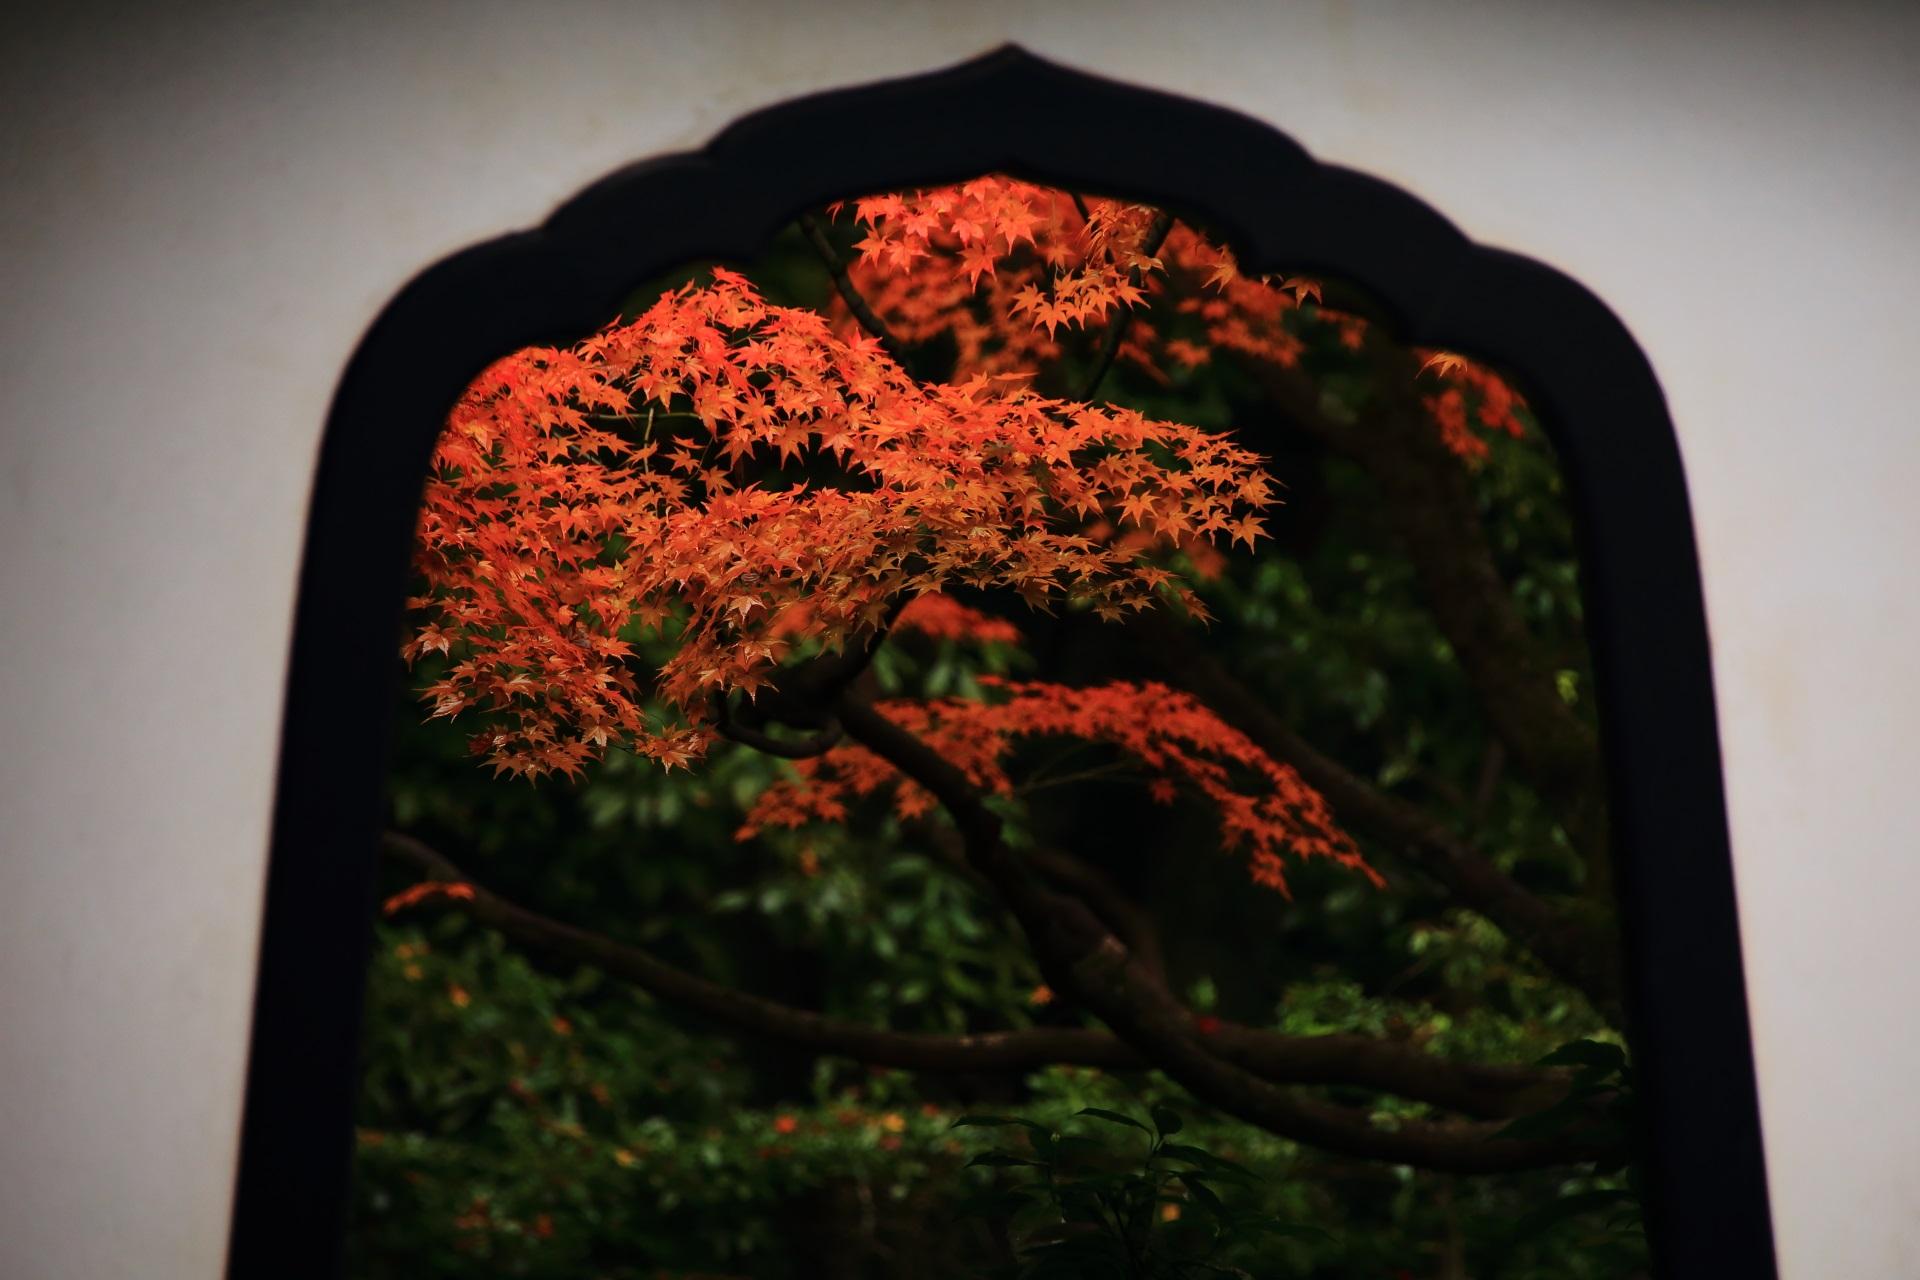 桂春院の「清浄の庭(しょうじょうのにわ)」から眺めた侘の庭の紅葉